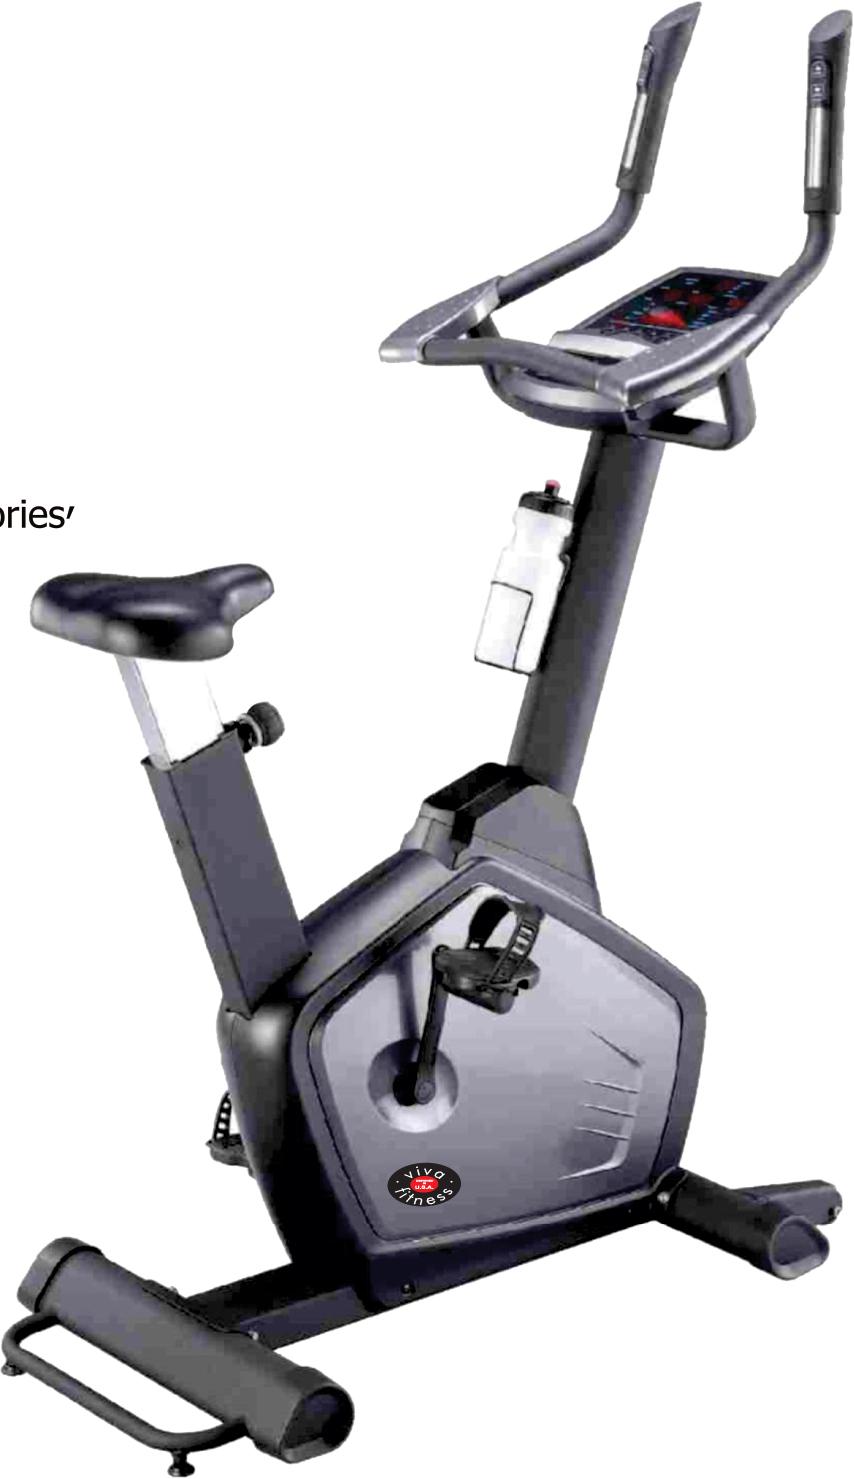 KH-1020 Light Commercial Upright Bike